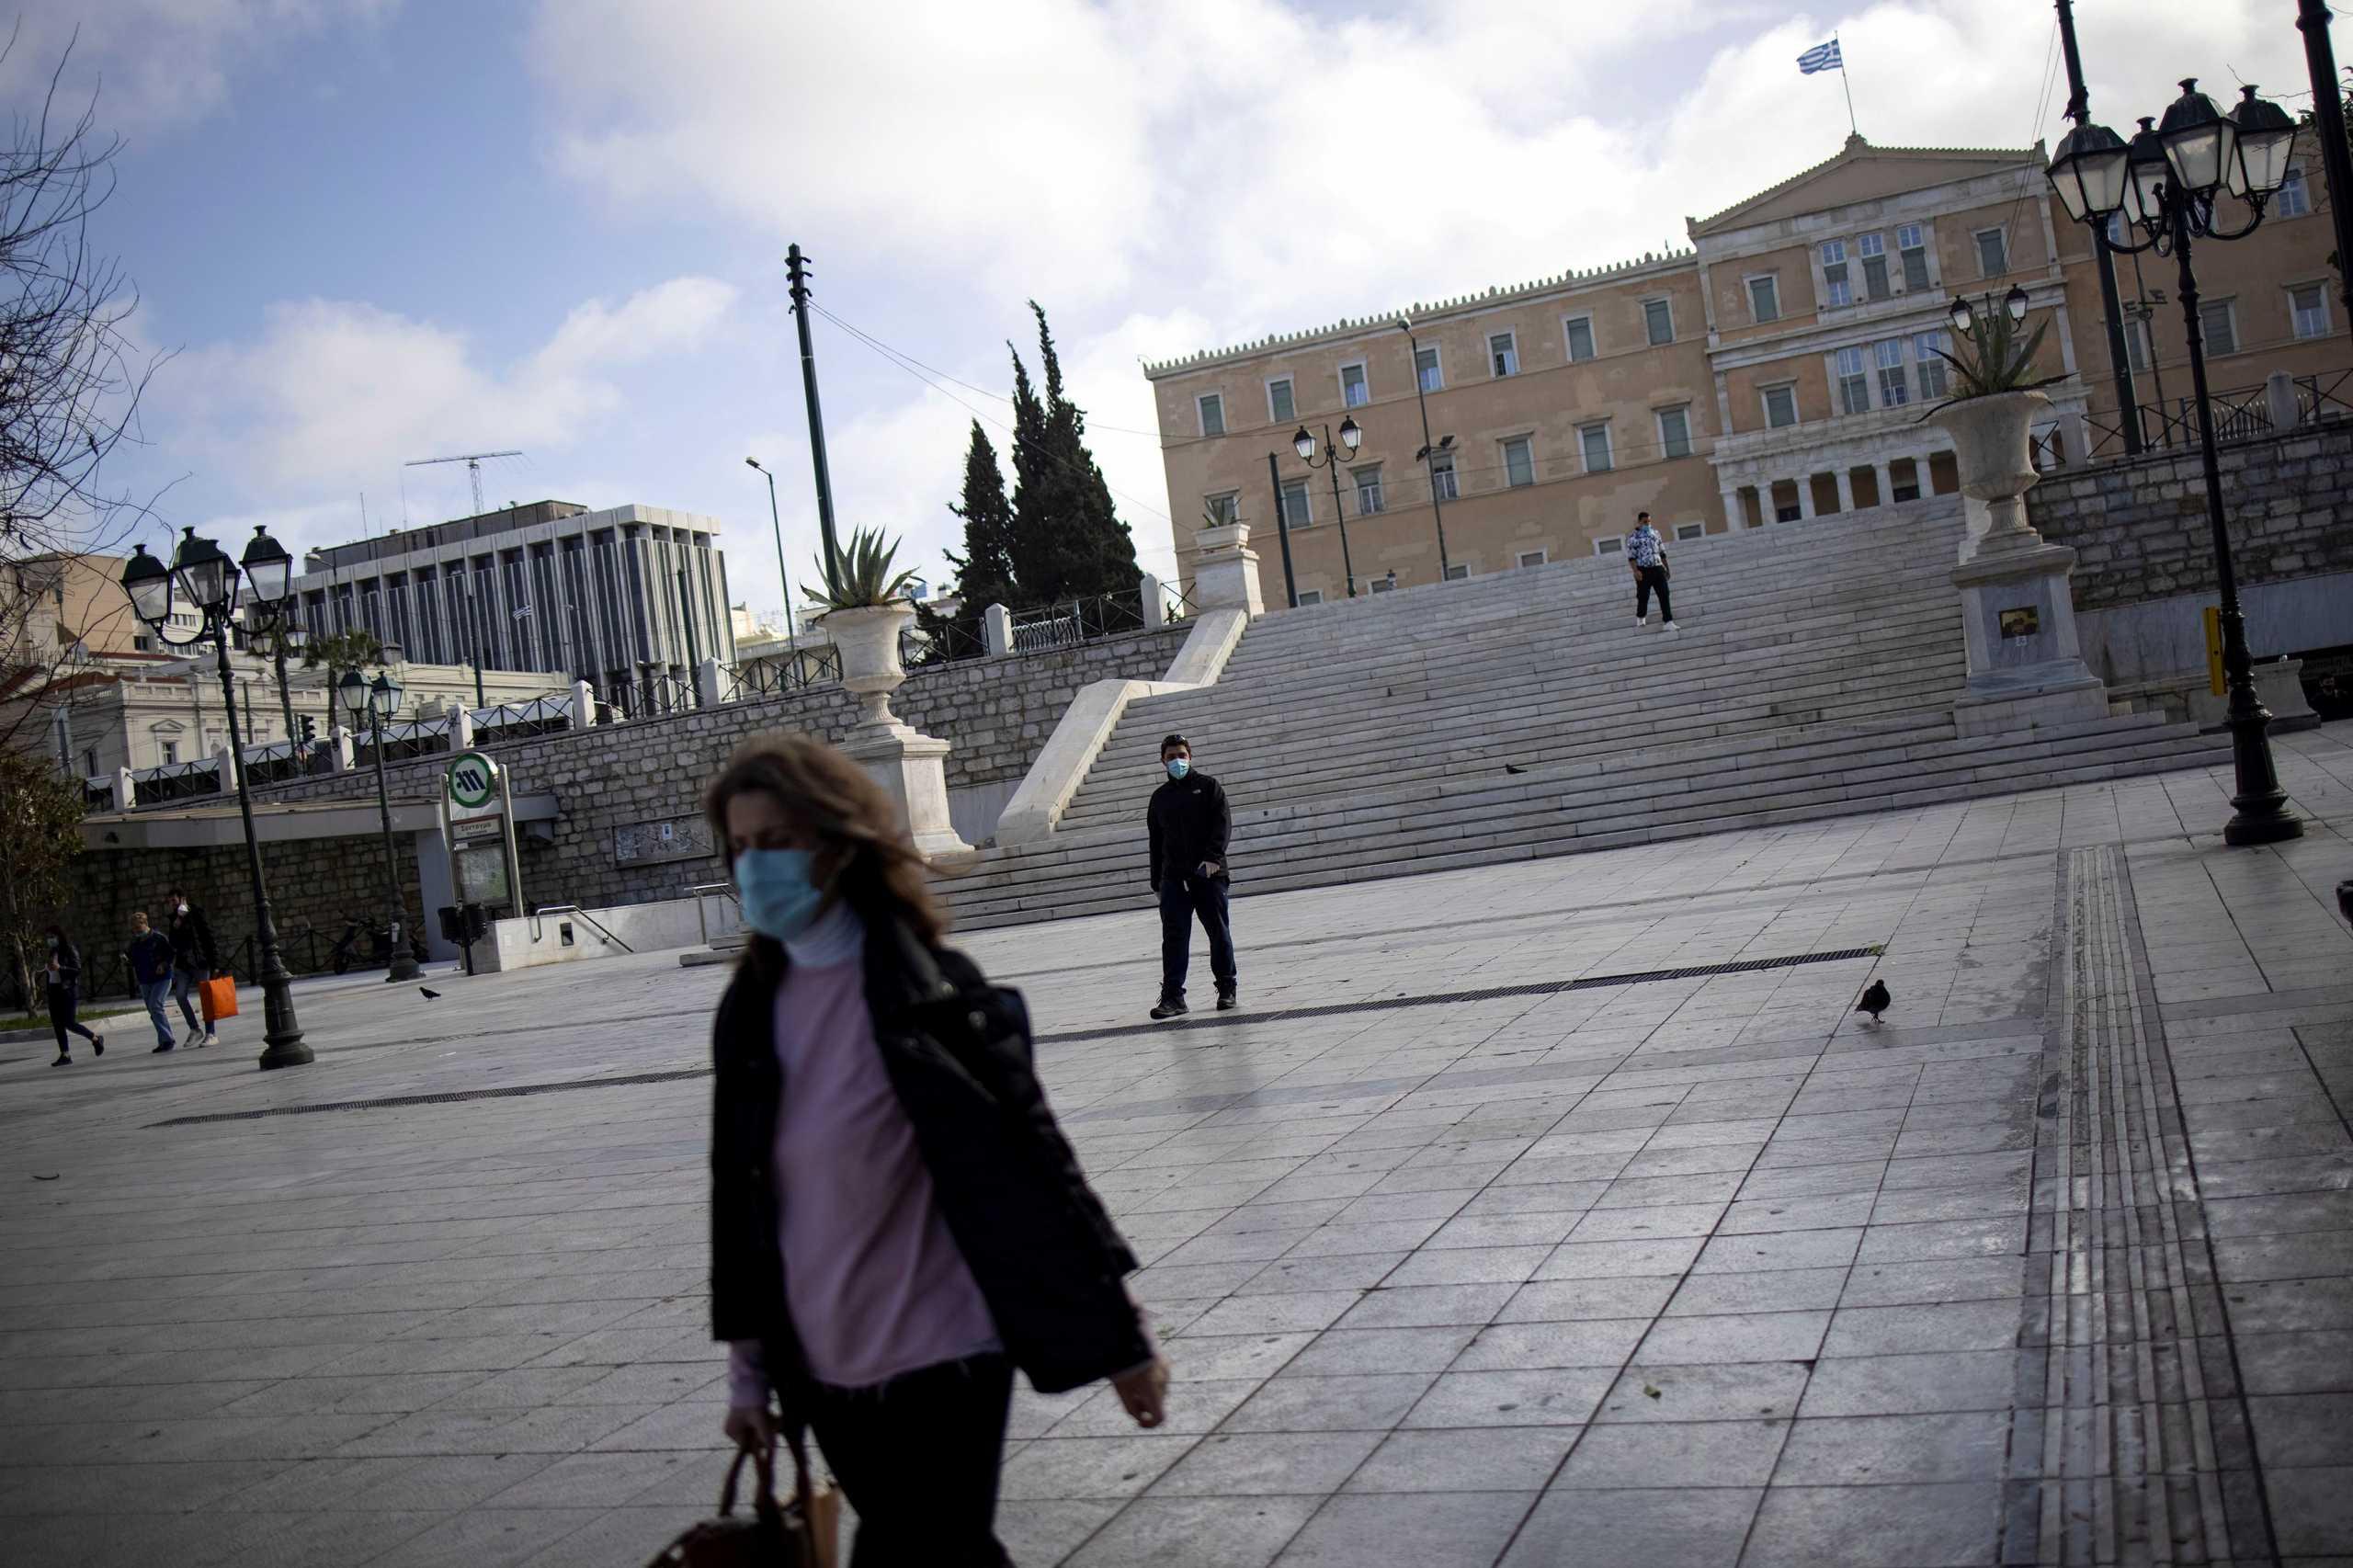 Θωμαΐδης: Σταθερά υψηλό το ιικό φορτίο στην Αθήνα εδώ και 40 μέρες